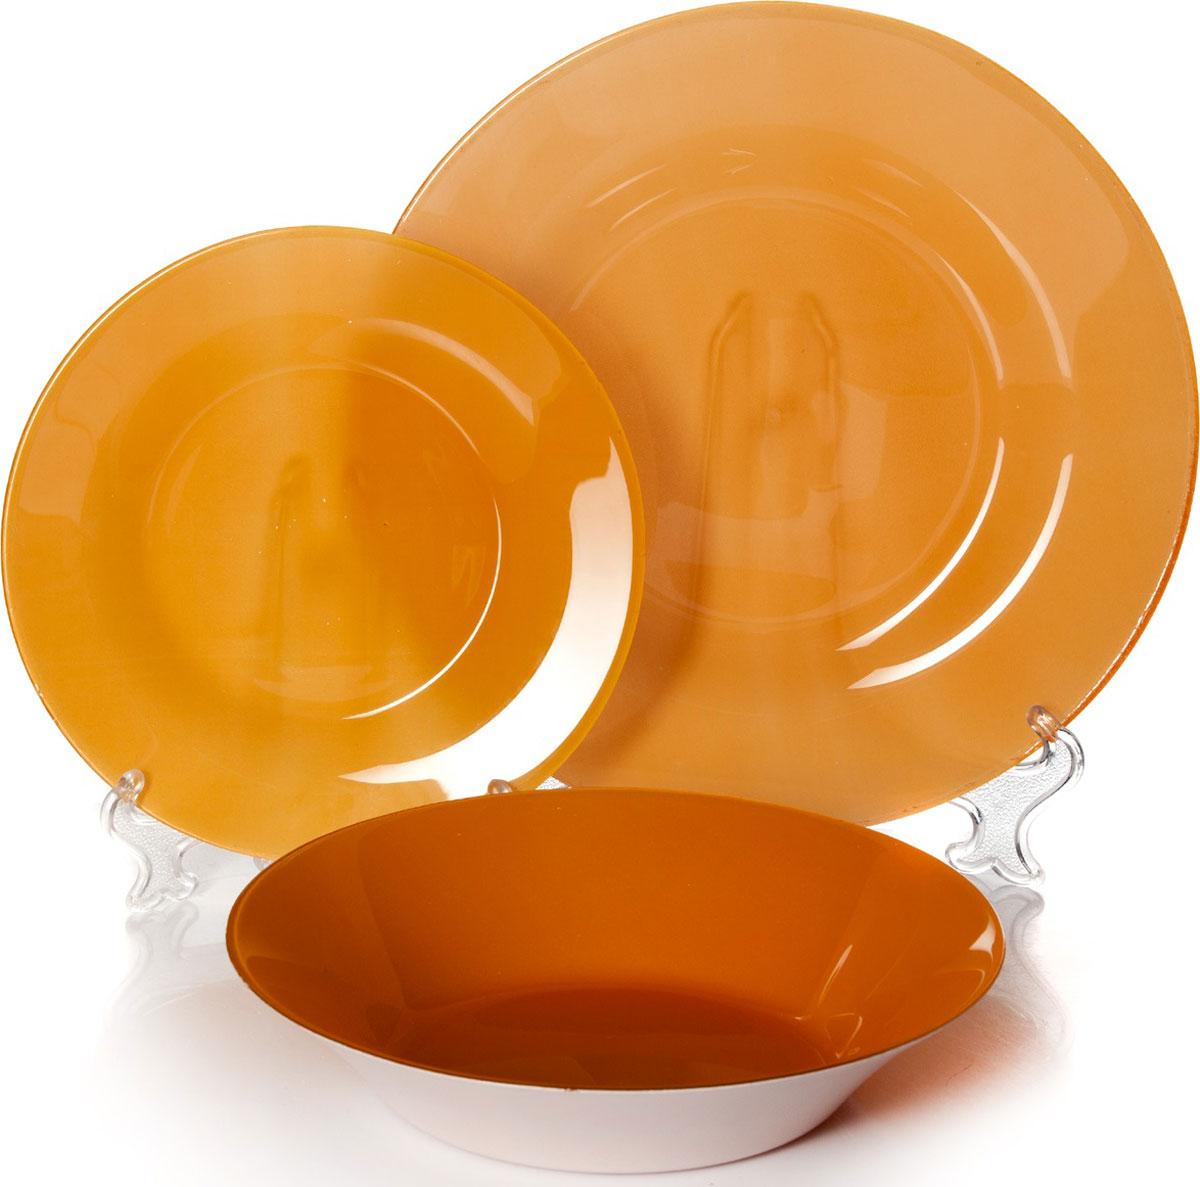 Набор тарелок Pasabahce Оранж Виллаж, цвет: оранжевый, 18 шт95401M/ORНабор Pasabahce Оранж Виллаж состоит из 18 тарелок. Они выполнены из качественногостекла оранжевого цвета. Набор отлично подойдет в качестве подарка.Изящные тарелки прекрасно оформят праздничный стол и порадуют вас и ваших гостей изысканным дизайном и формой. Диаметр тарелок:19,5 см - 6 шт;22 см - 6 шт; 26 см - 6 шт.